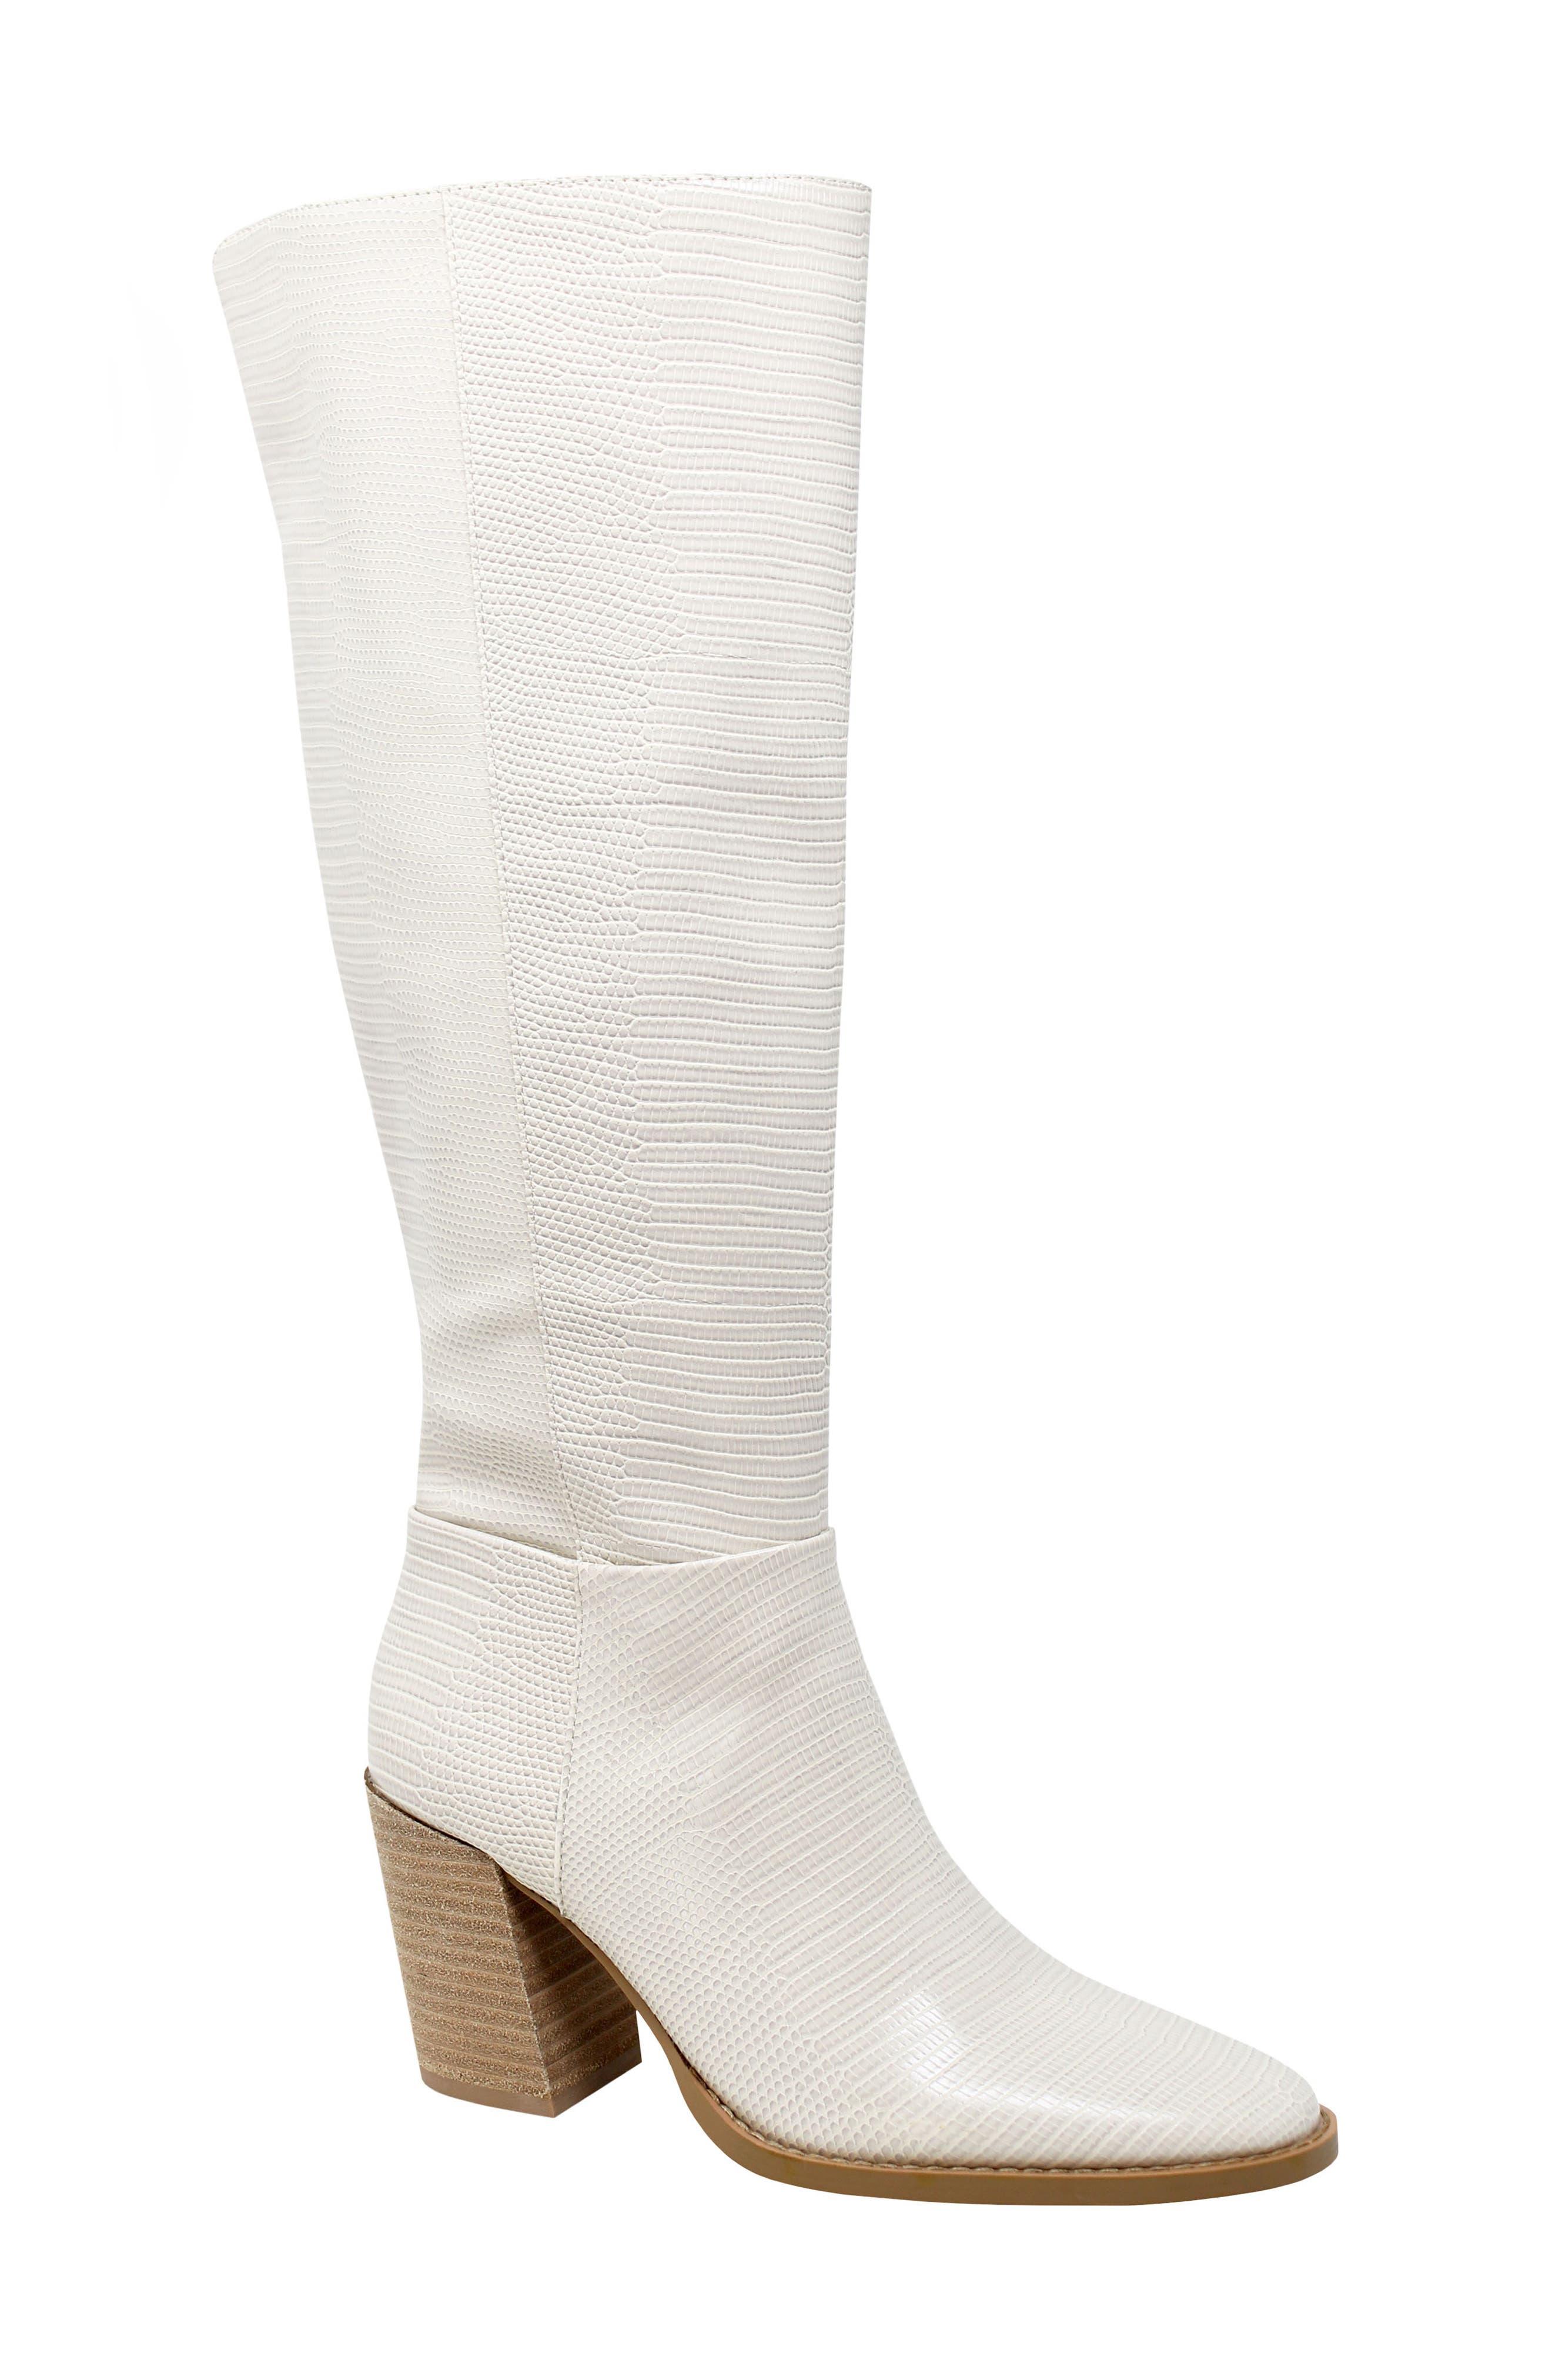 Women's Charles David Softie Lizard Embossed Knee High Boot